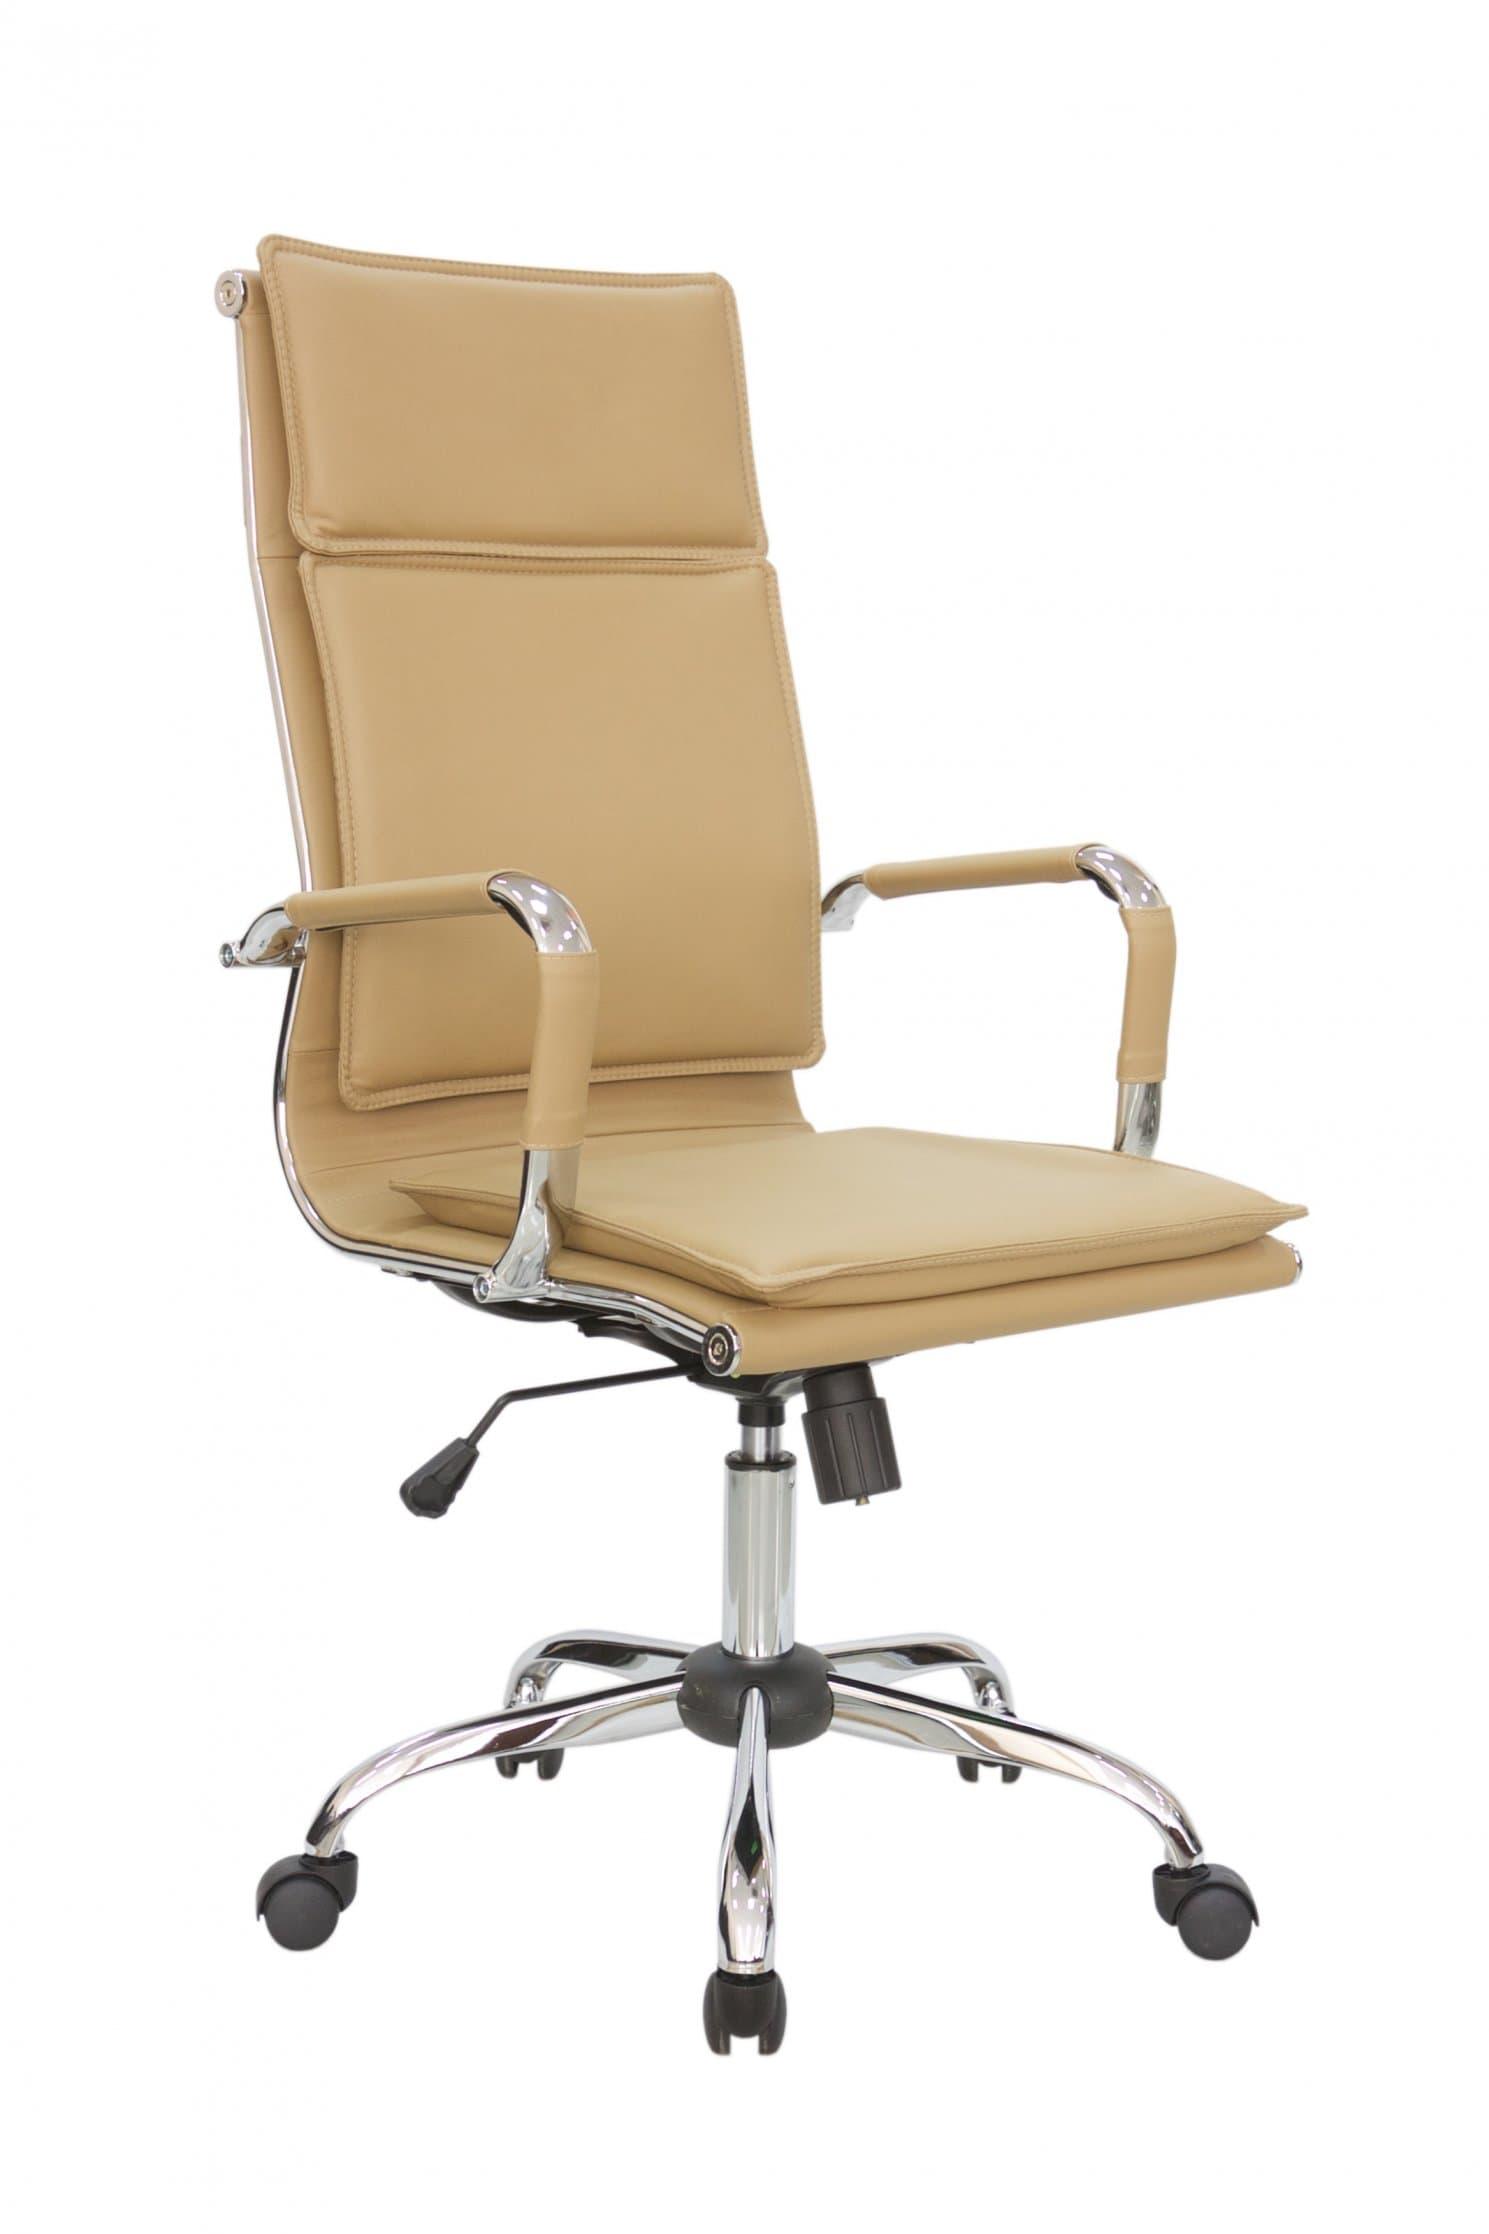 Кресло для руководителя Riva Chair 6003-1 Кэмел цвет, эко кожа